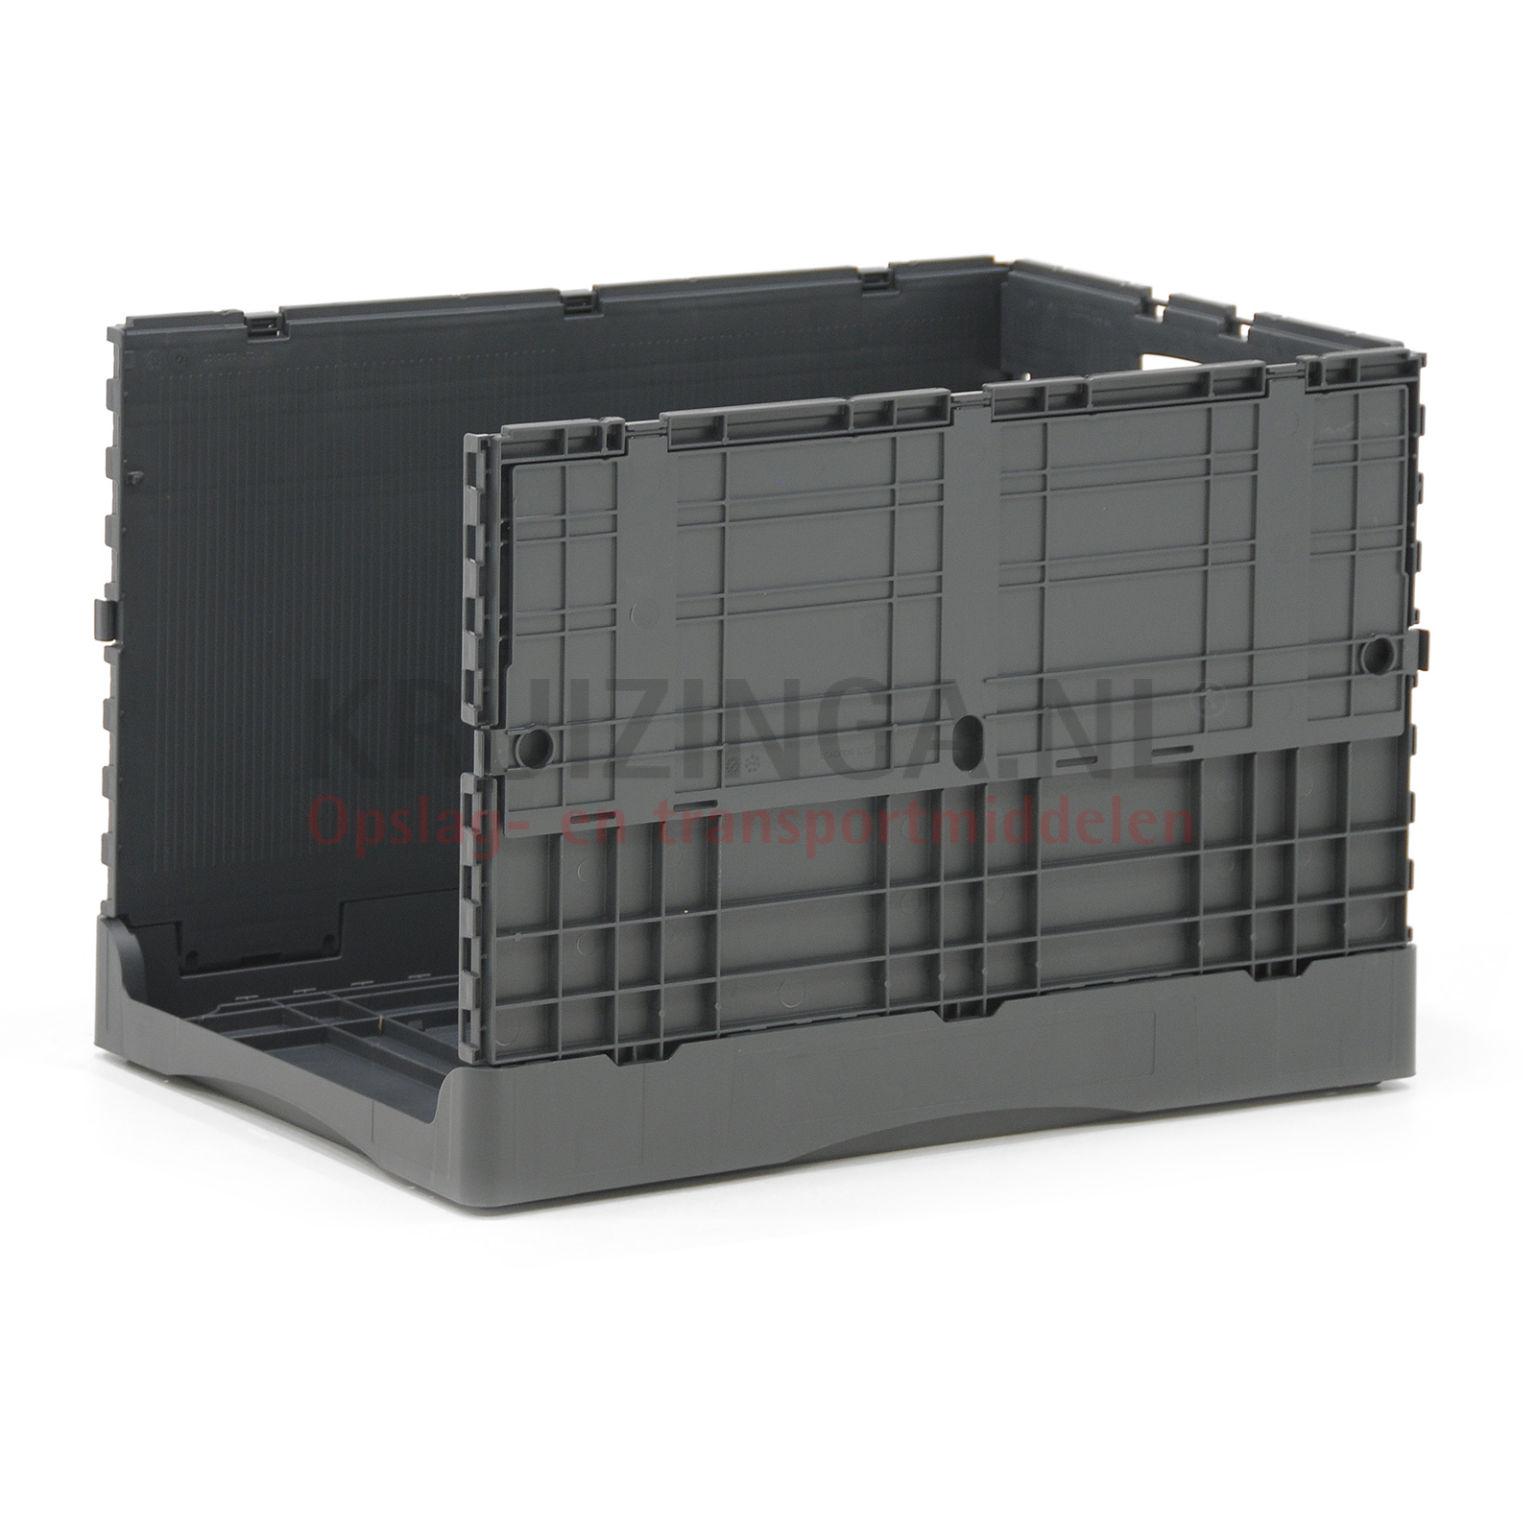 bac de rangement plastique gerbable et pliable avec couvercle double partir de 23 50 frais. Black Bedroom Furniture Sets. Home Design Ideas